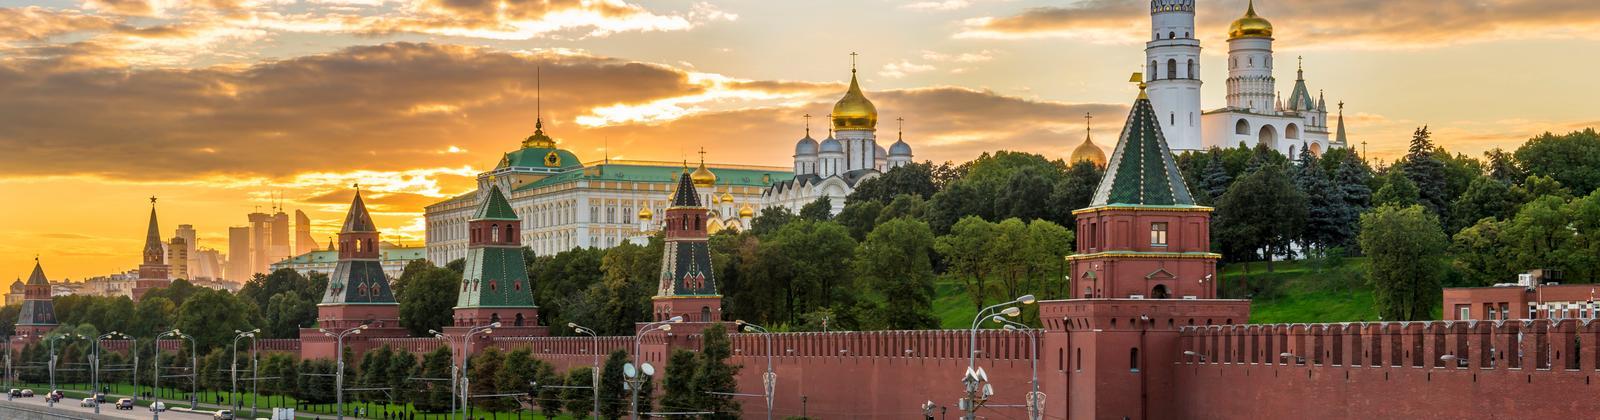 Le 10 da vedere in russia for Case belle da vedere